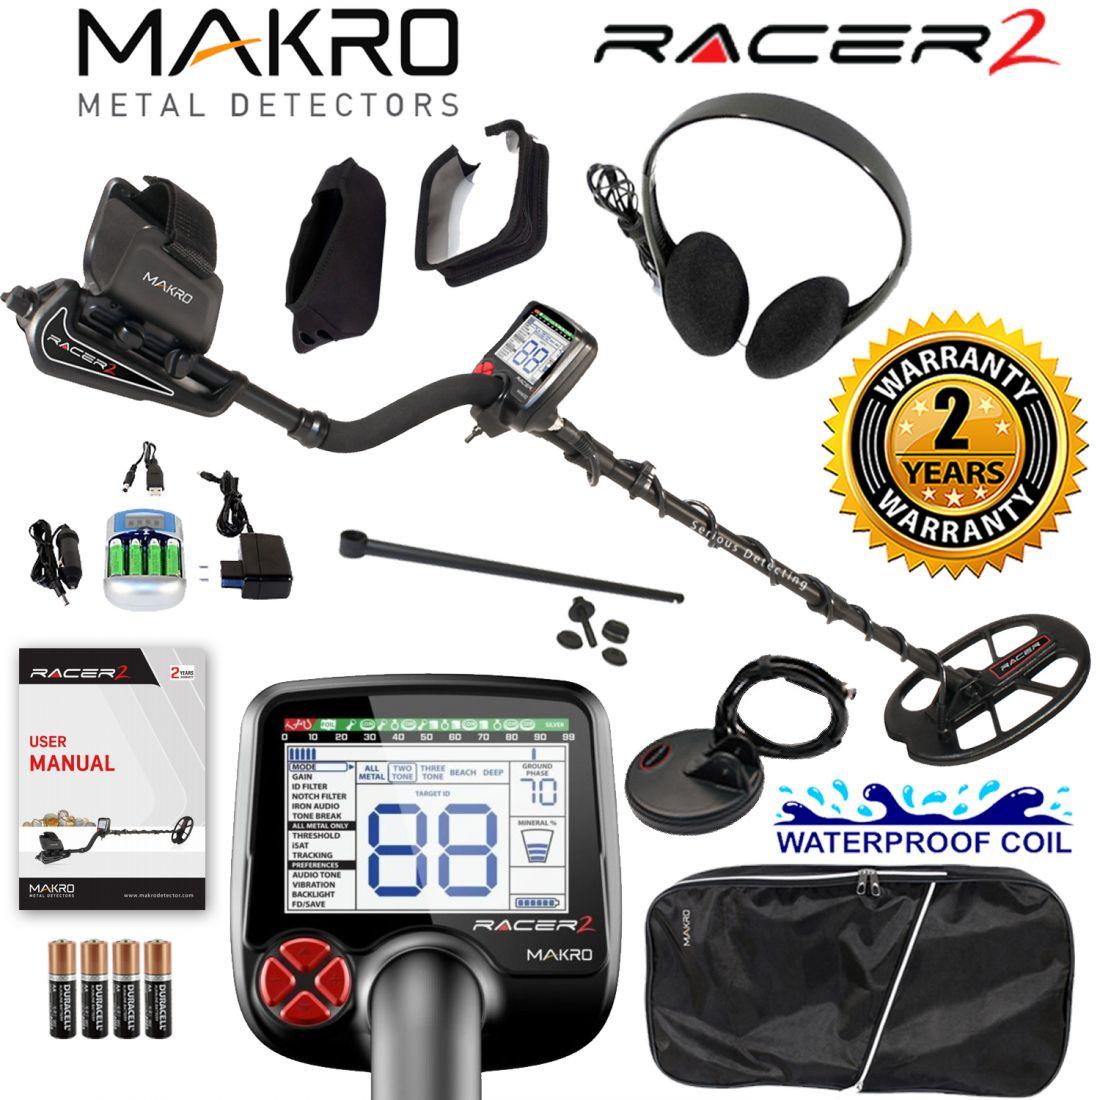 Металлоискатель Makro Racer 2 PRO